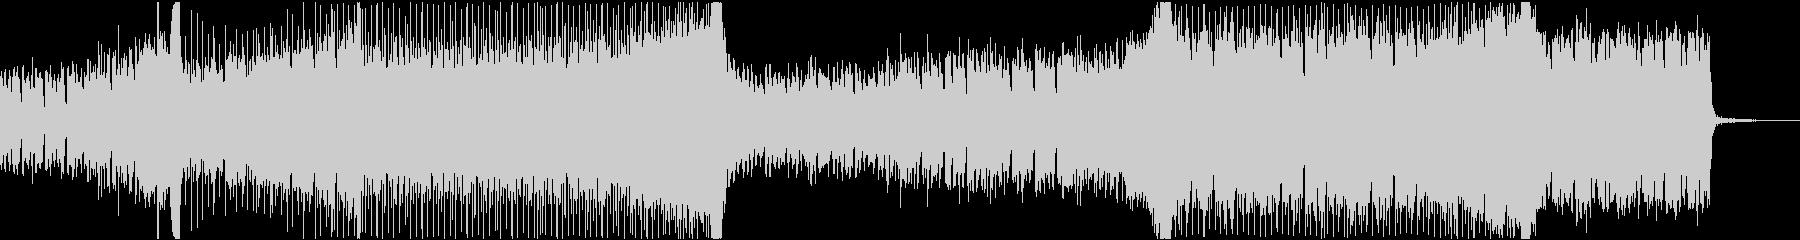 陽気なEDMっぽいBGMの未再生の波形